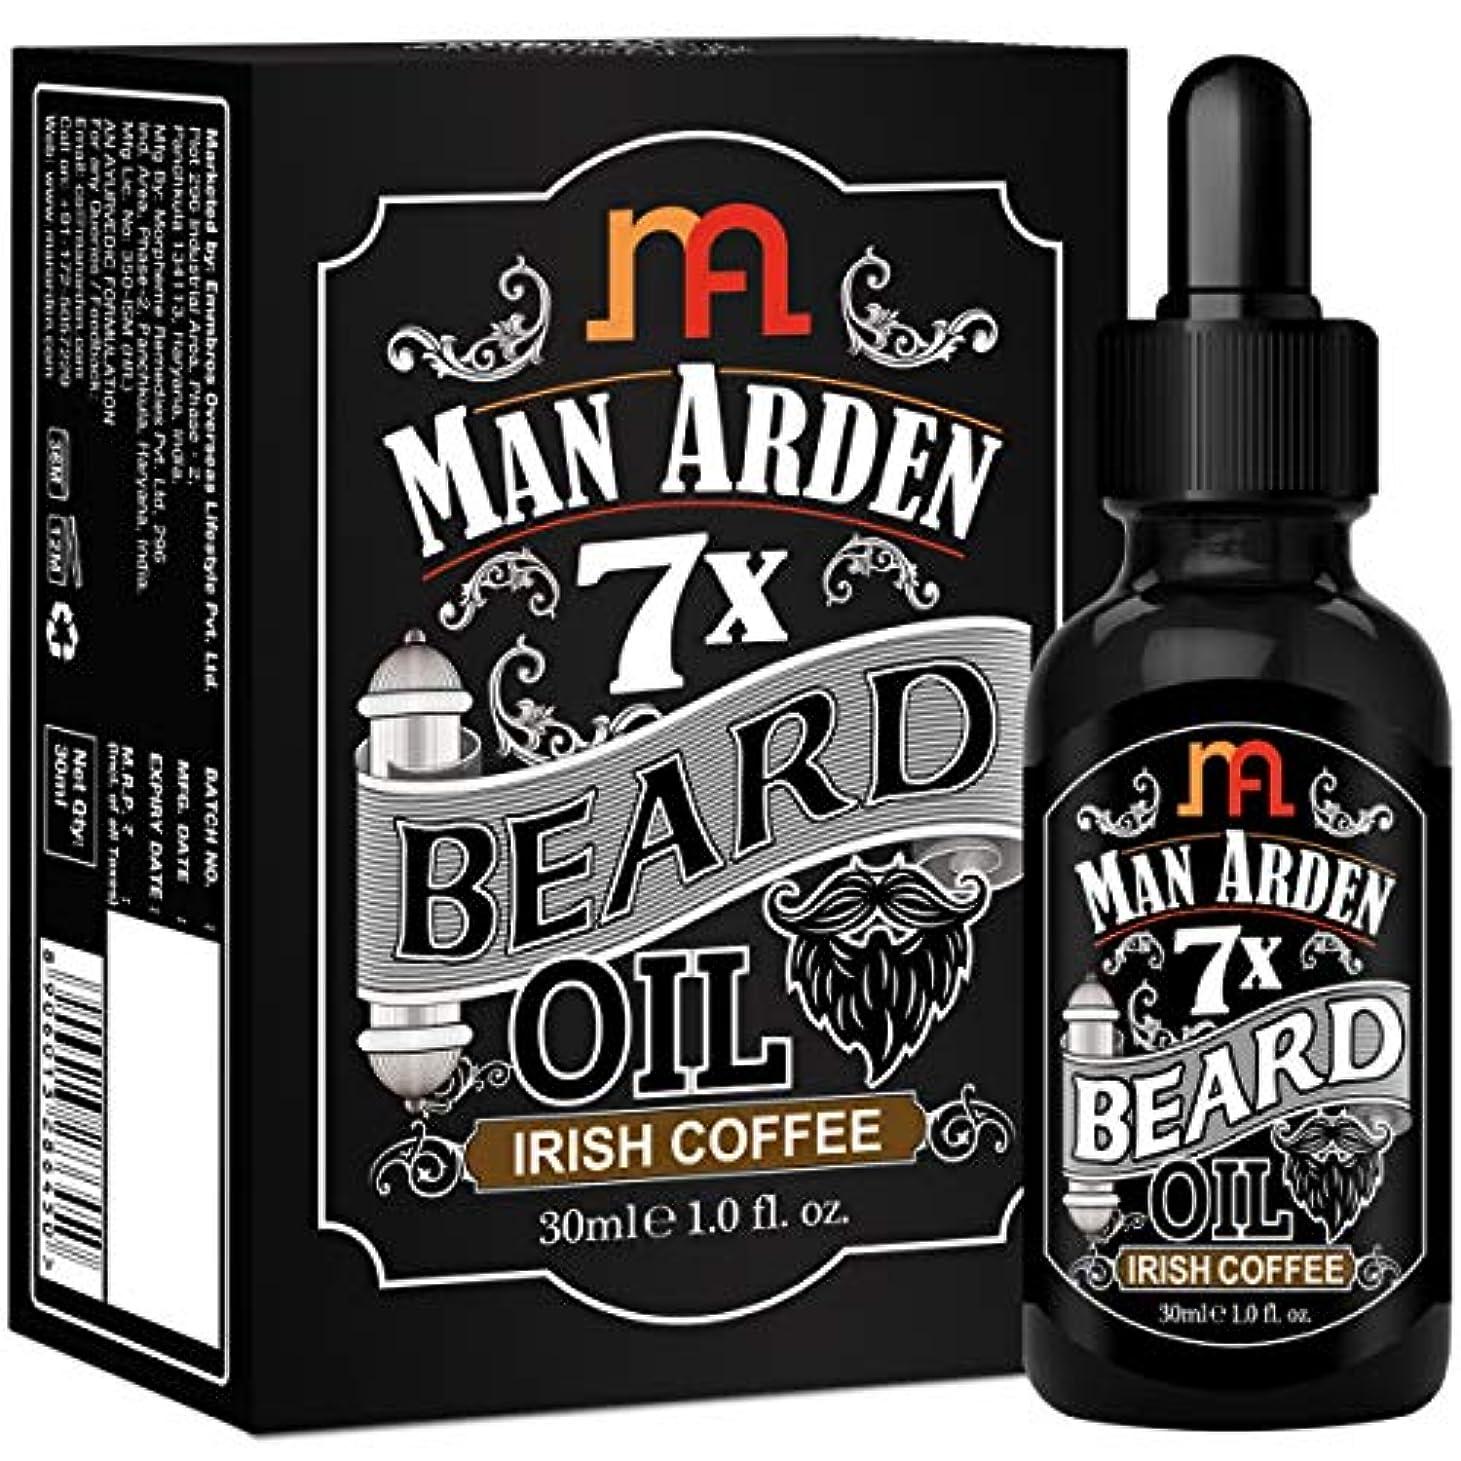 粒バンドル複合Man Arden 7X Beard Oil 30ml (Irish Coffee) - 7 Premium Oils For Beard Growth & Nourishment